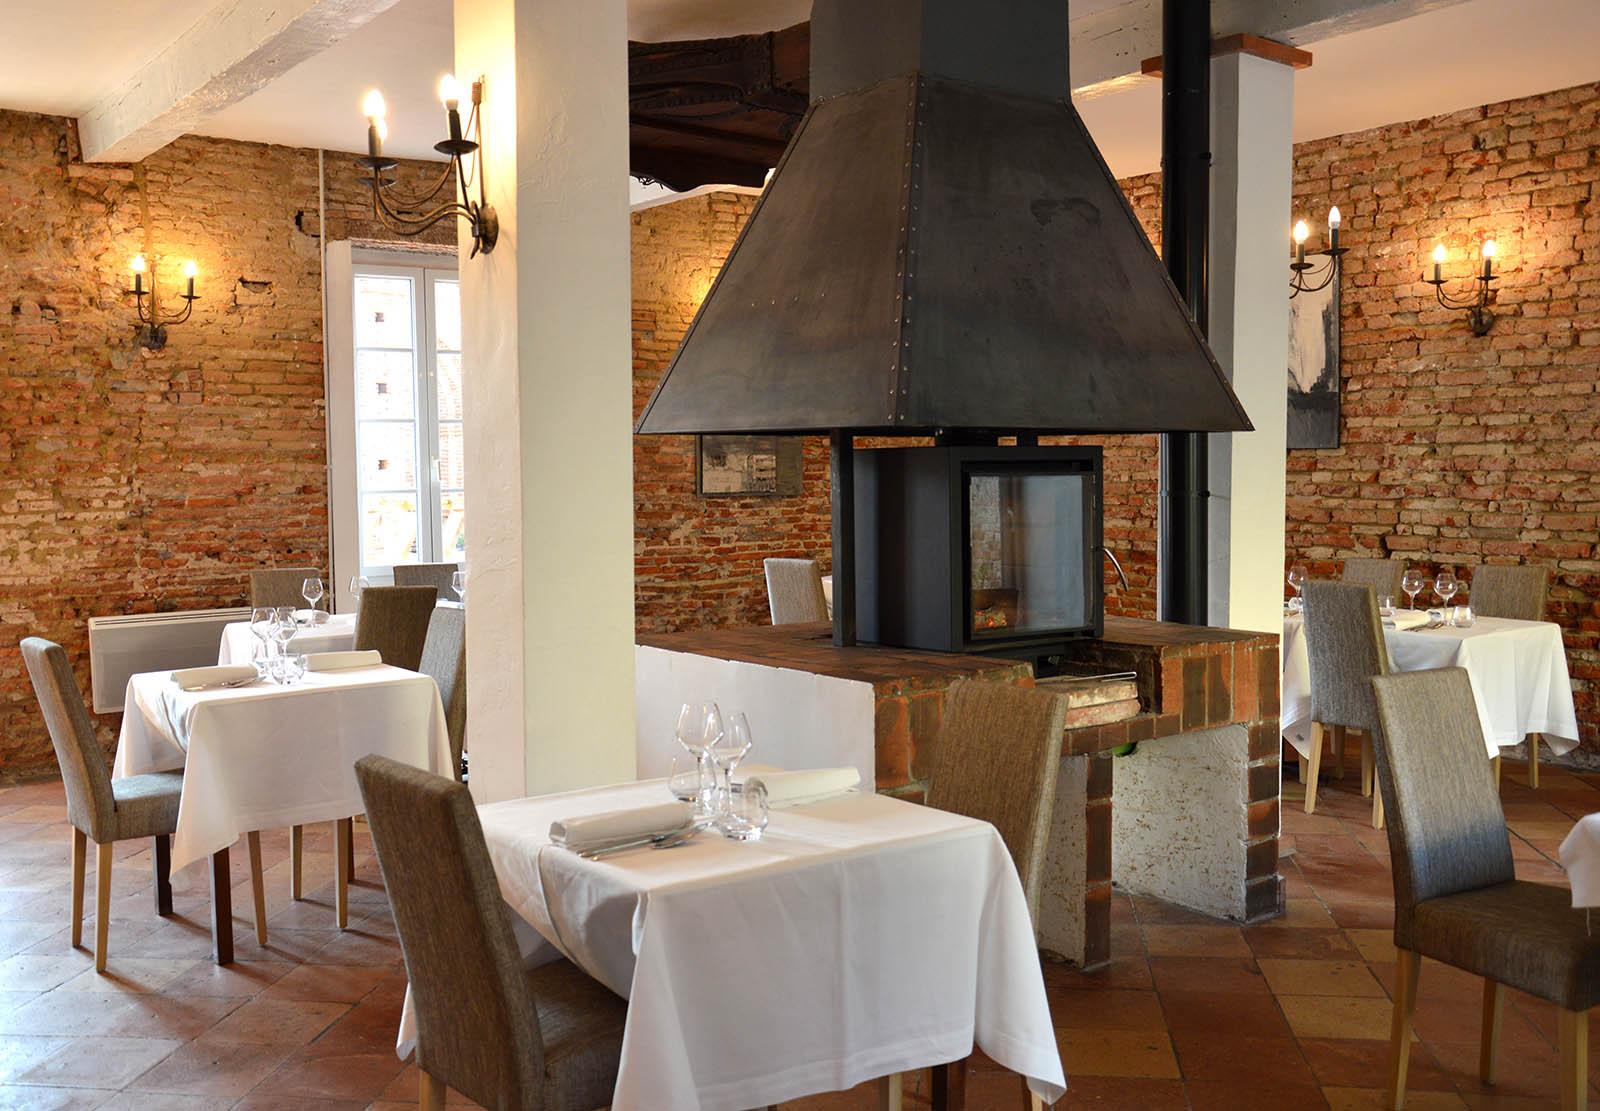 restaurant l 39 auberge de la forge lavalette toulouse sudissimo. Black Bedroom Furniture Sets. Home Design Ideas